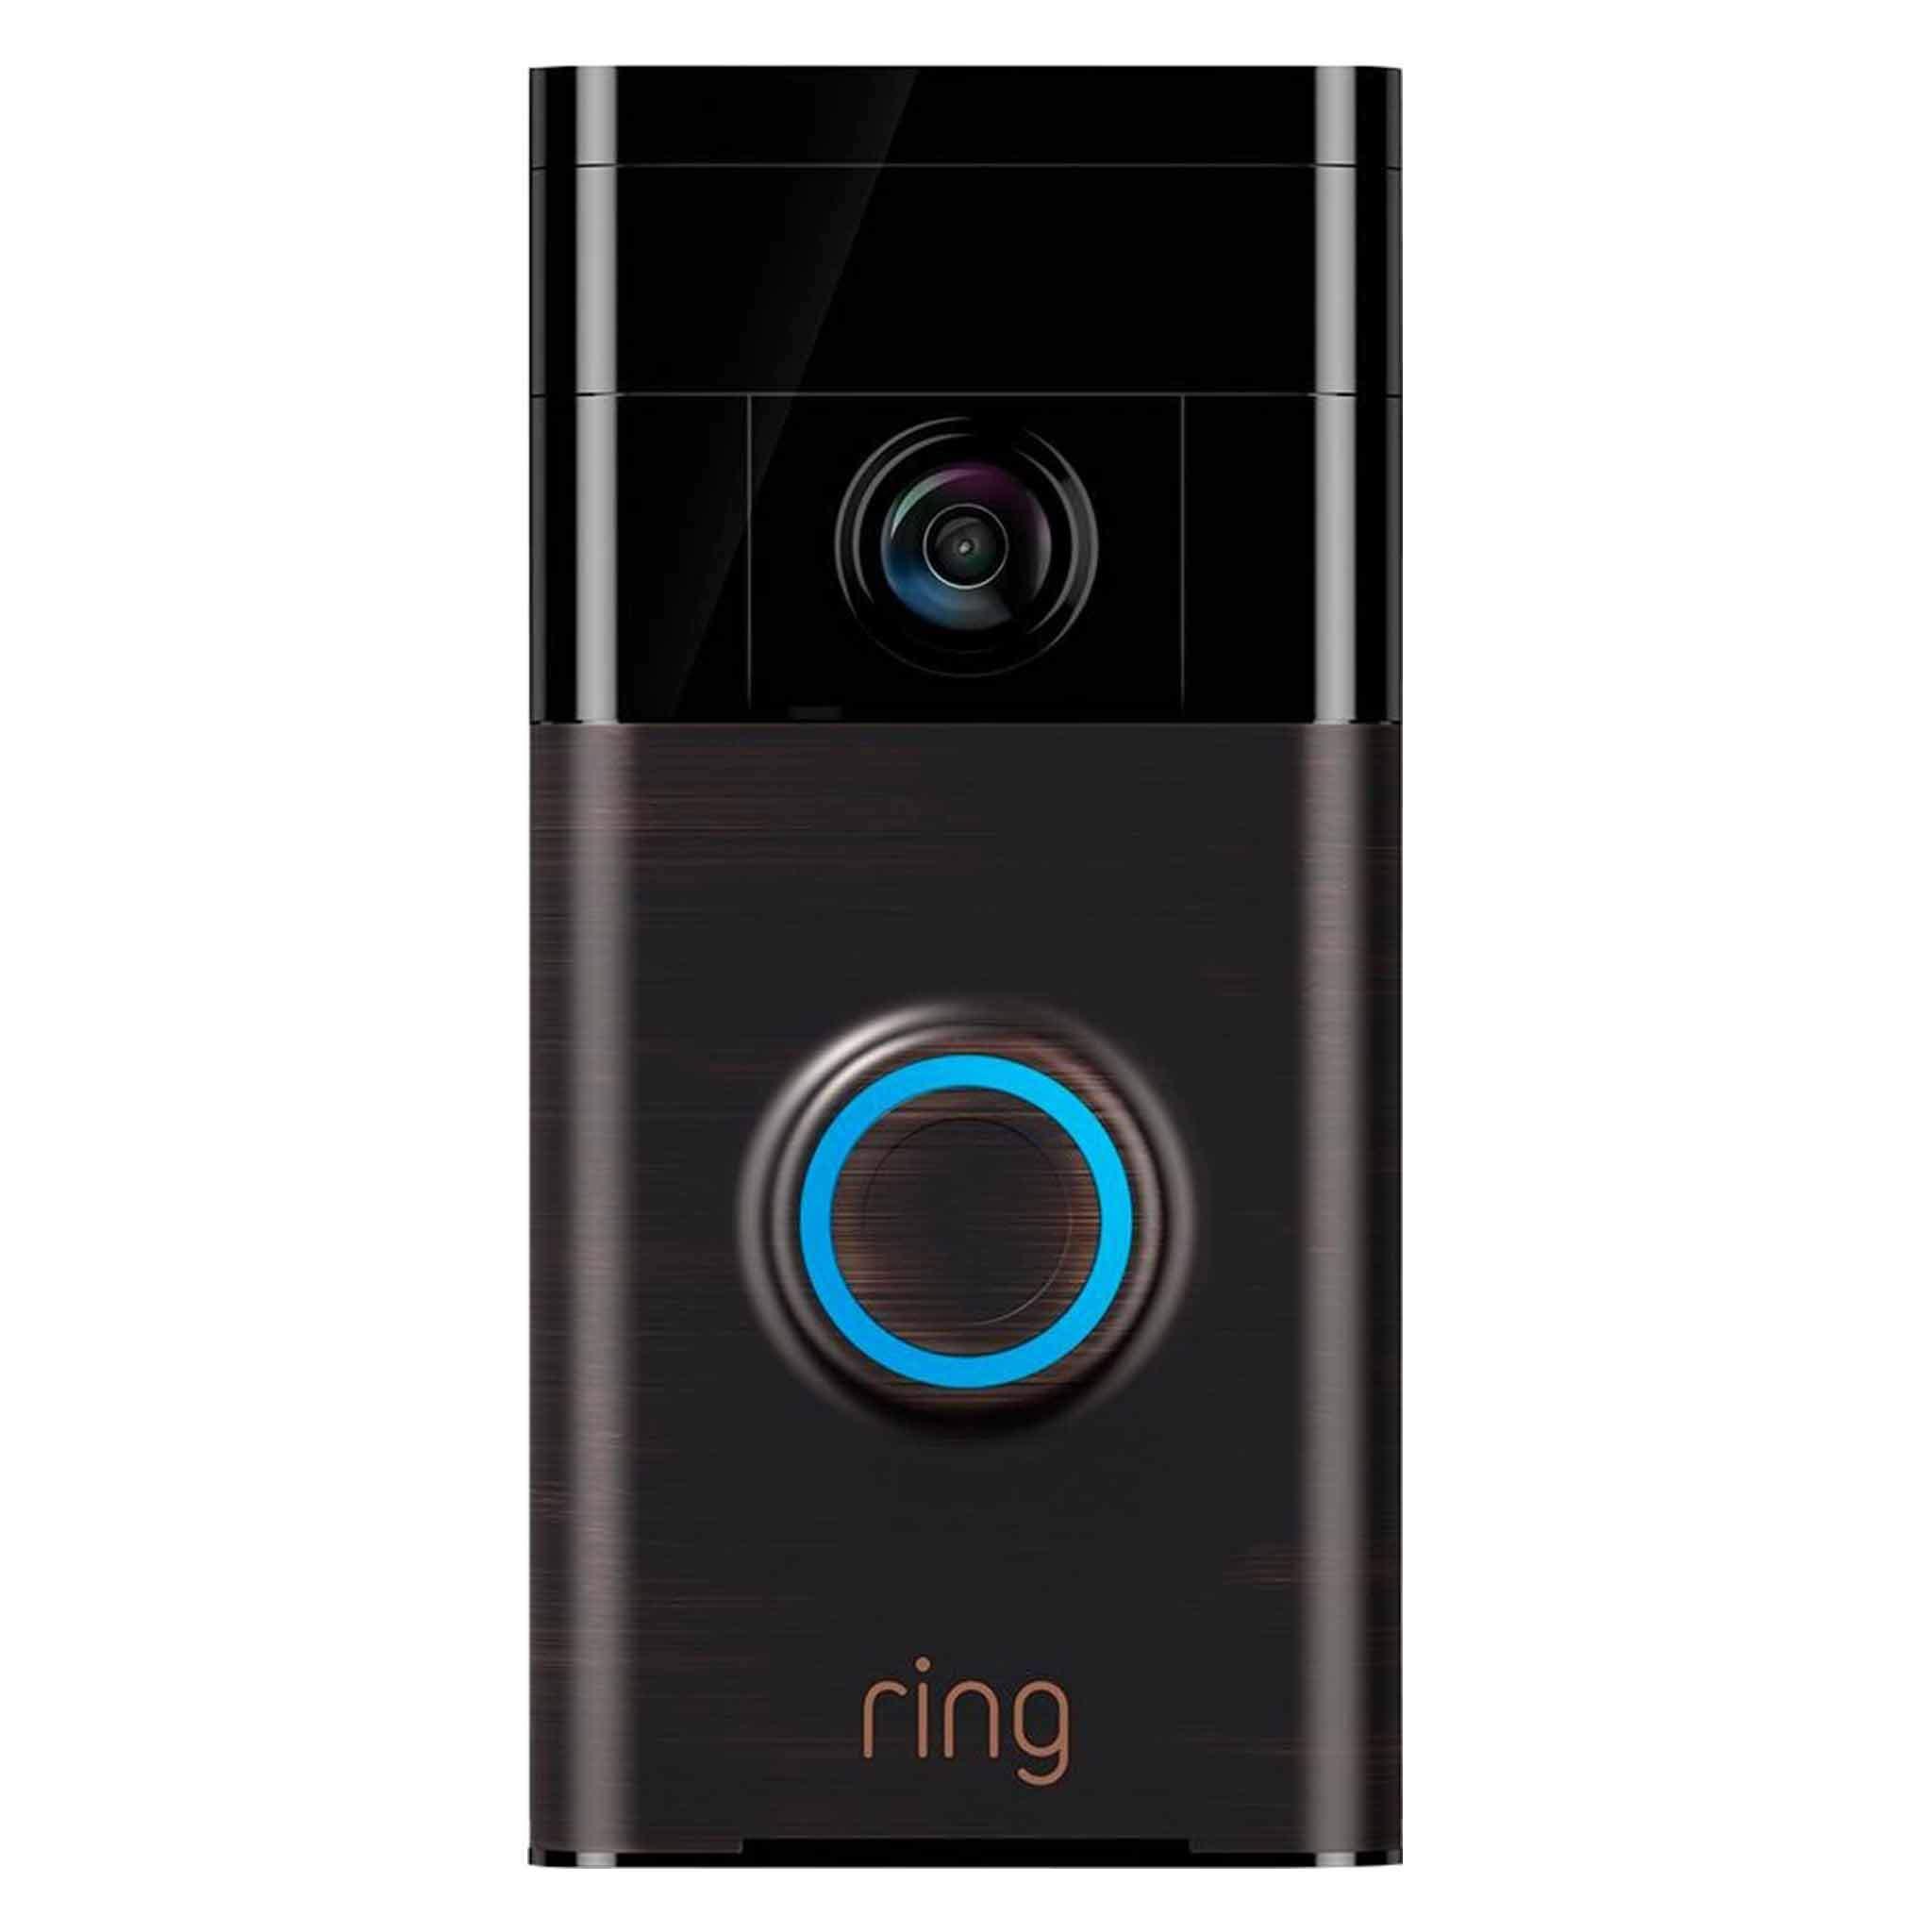 Ring Doorbell Ring Video Doorbell Wireless Video Doorbell